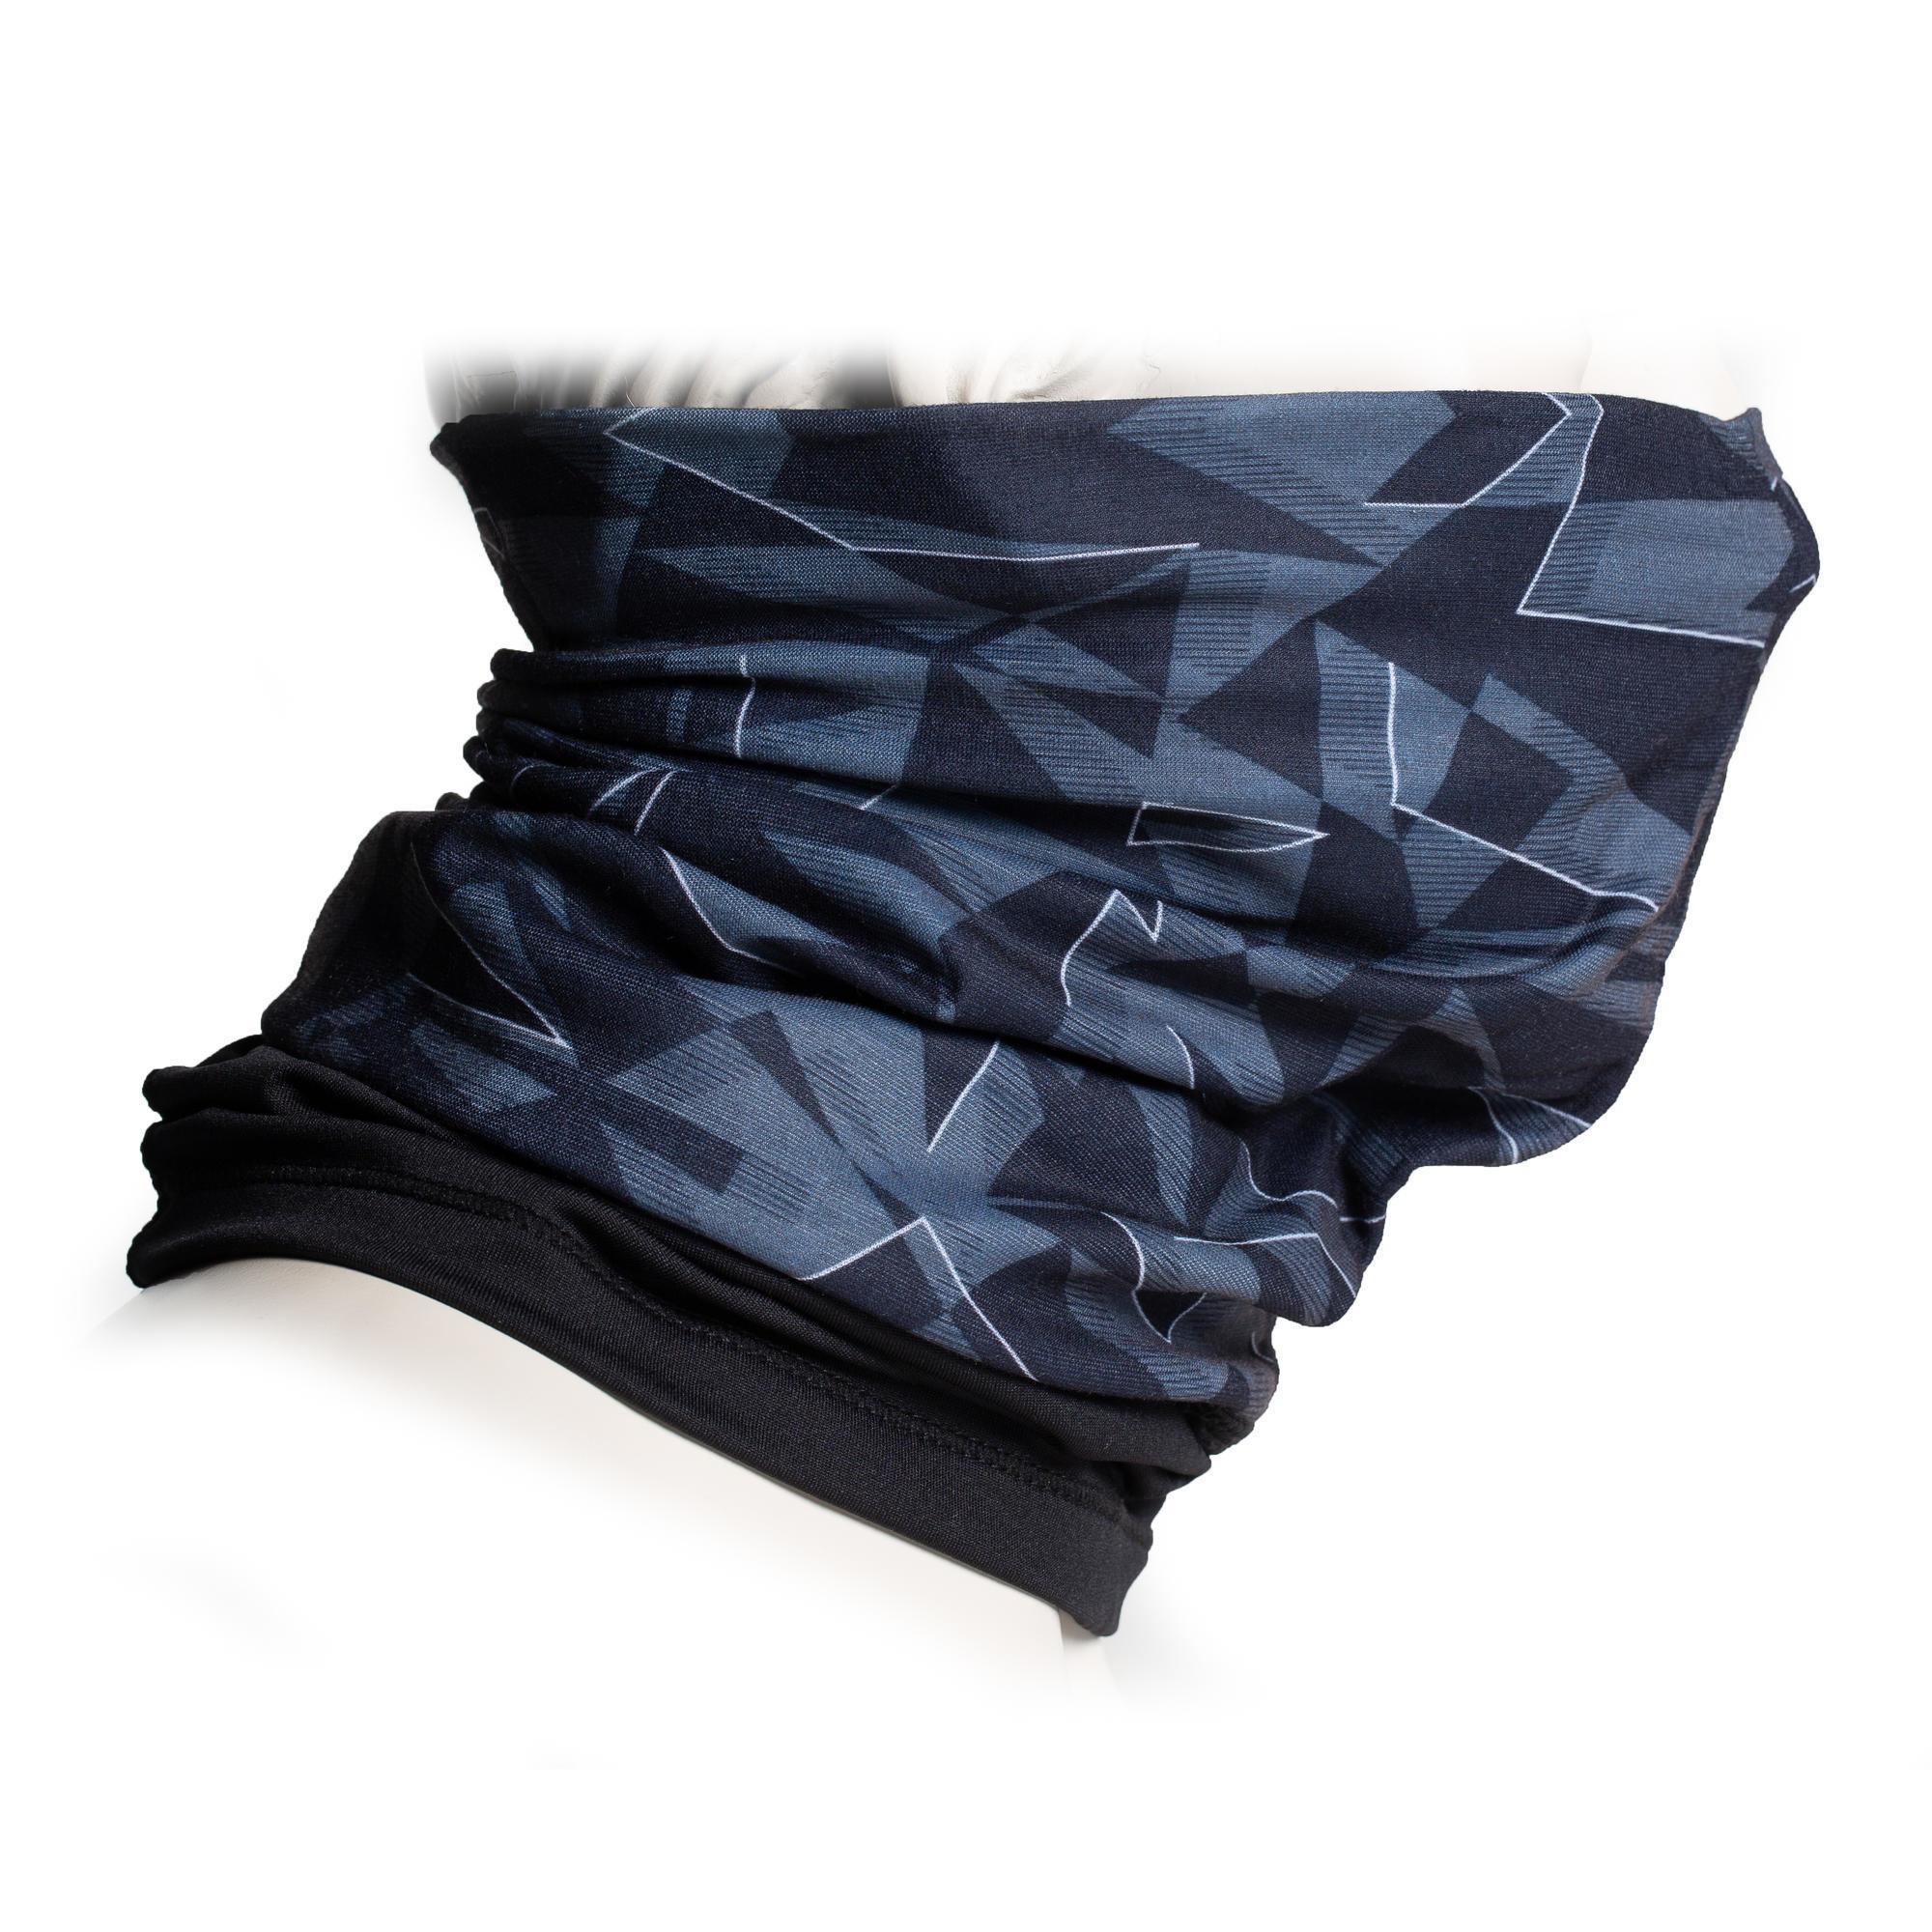 Schlauchtuch Rennrad RR 500 grau/schwarz/weiß | Accessoires > Schals & Tücher > Tücher | Grau - Schwarz - Weiß | B´twin